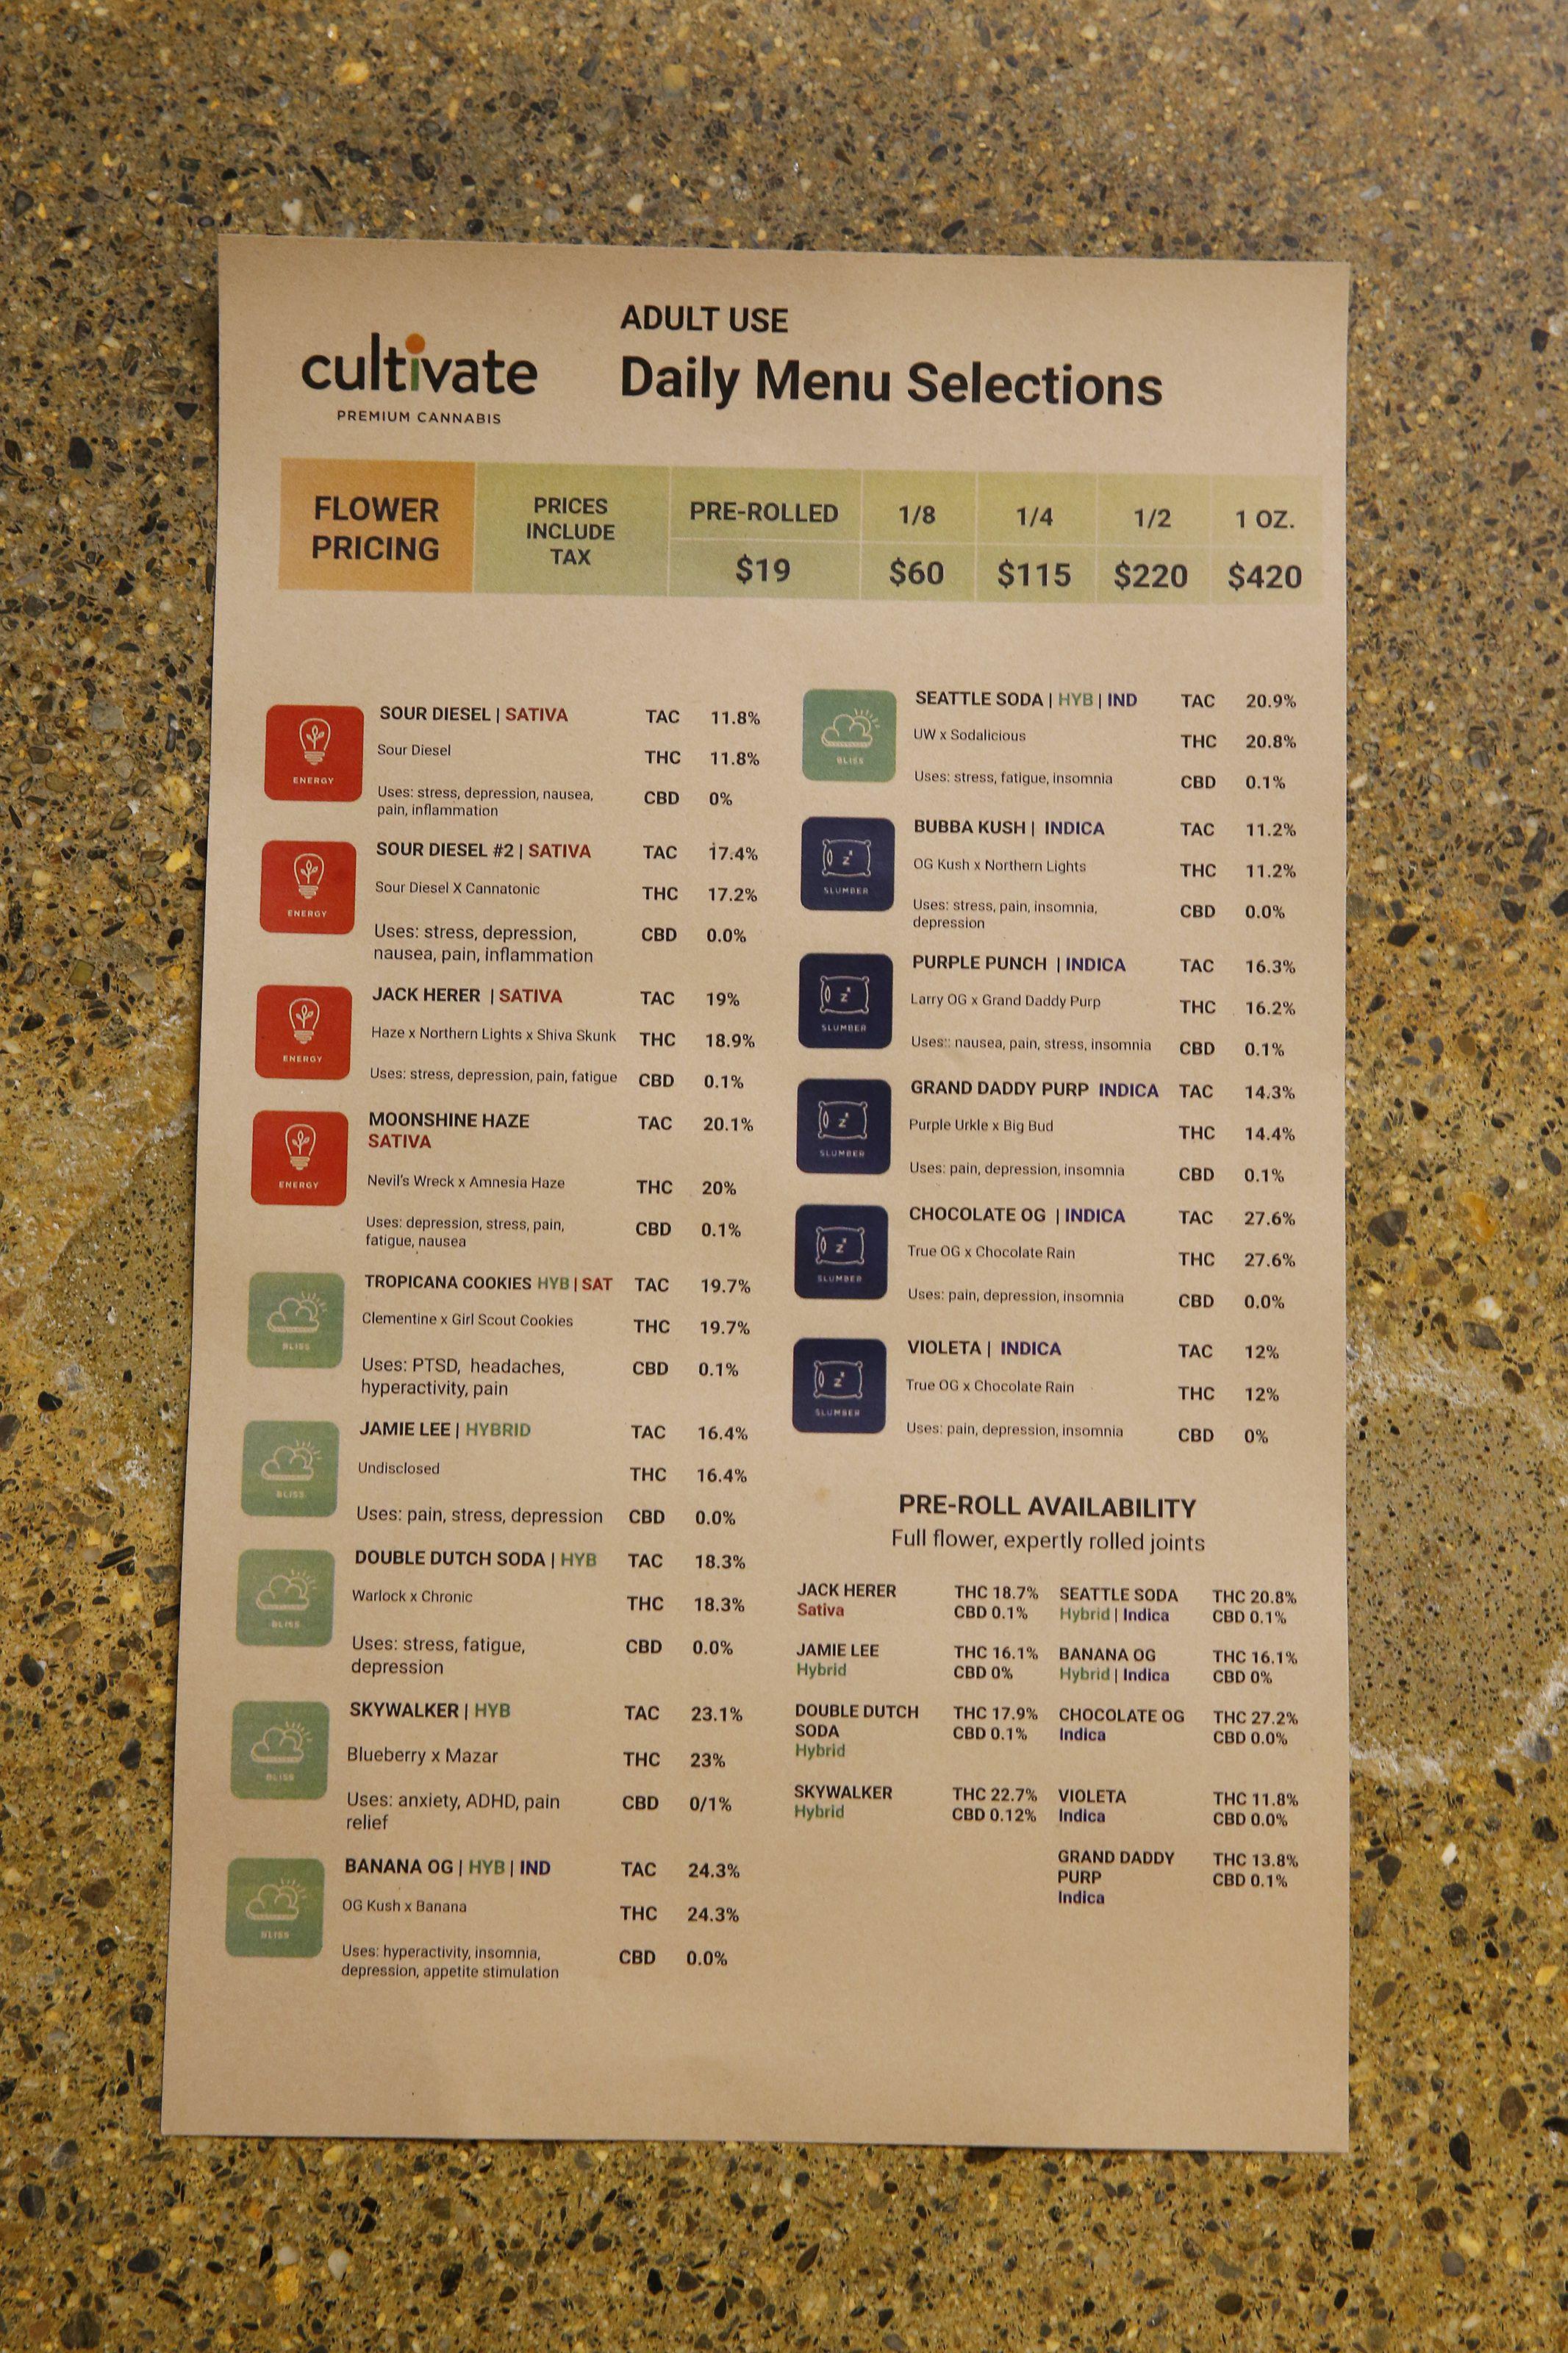 Here are the menus at Massachusetts' first 2 recreational marijuana